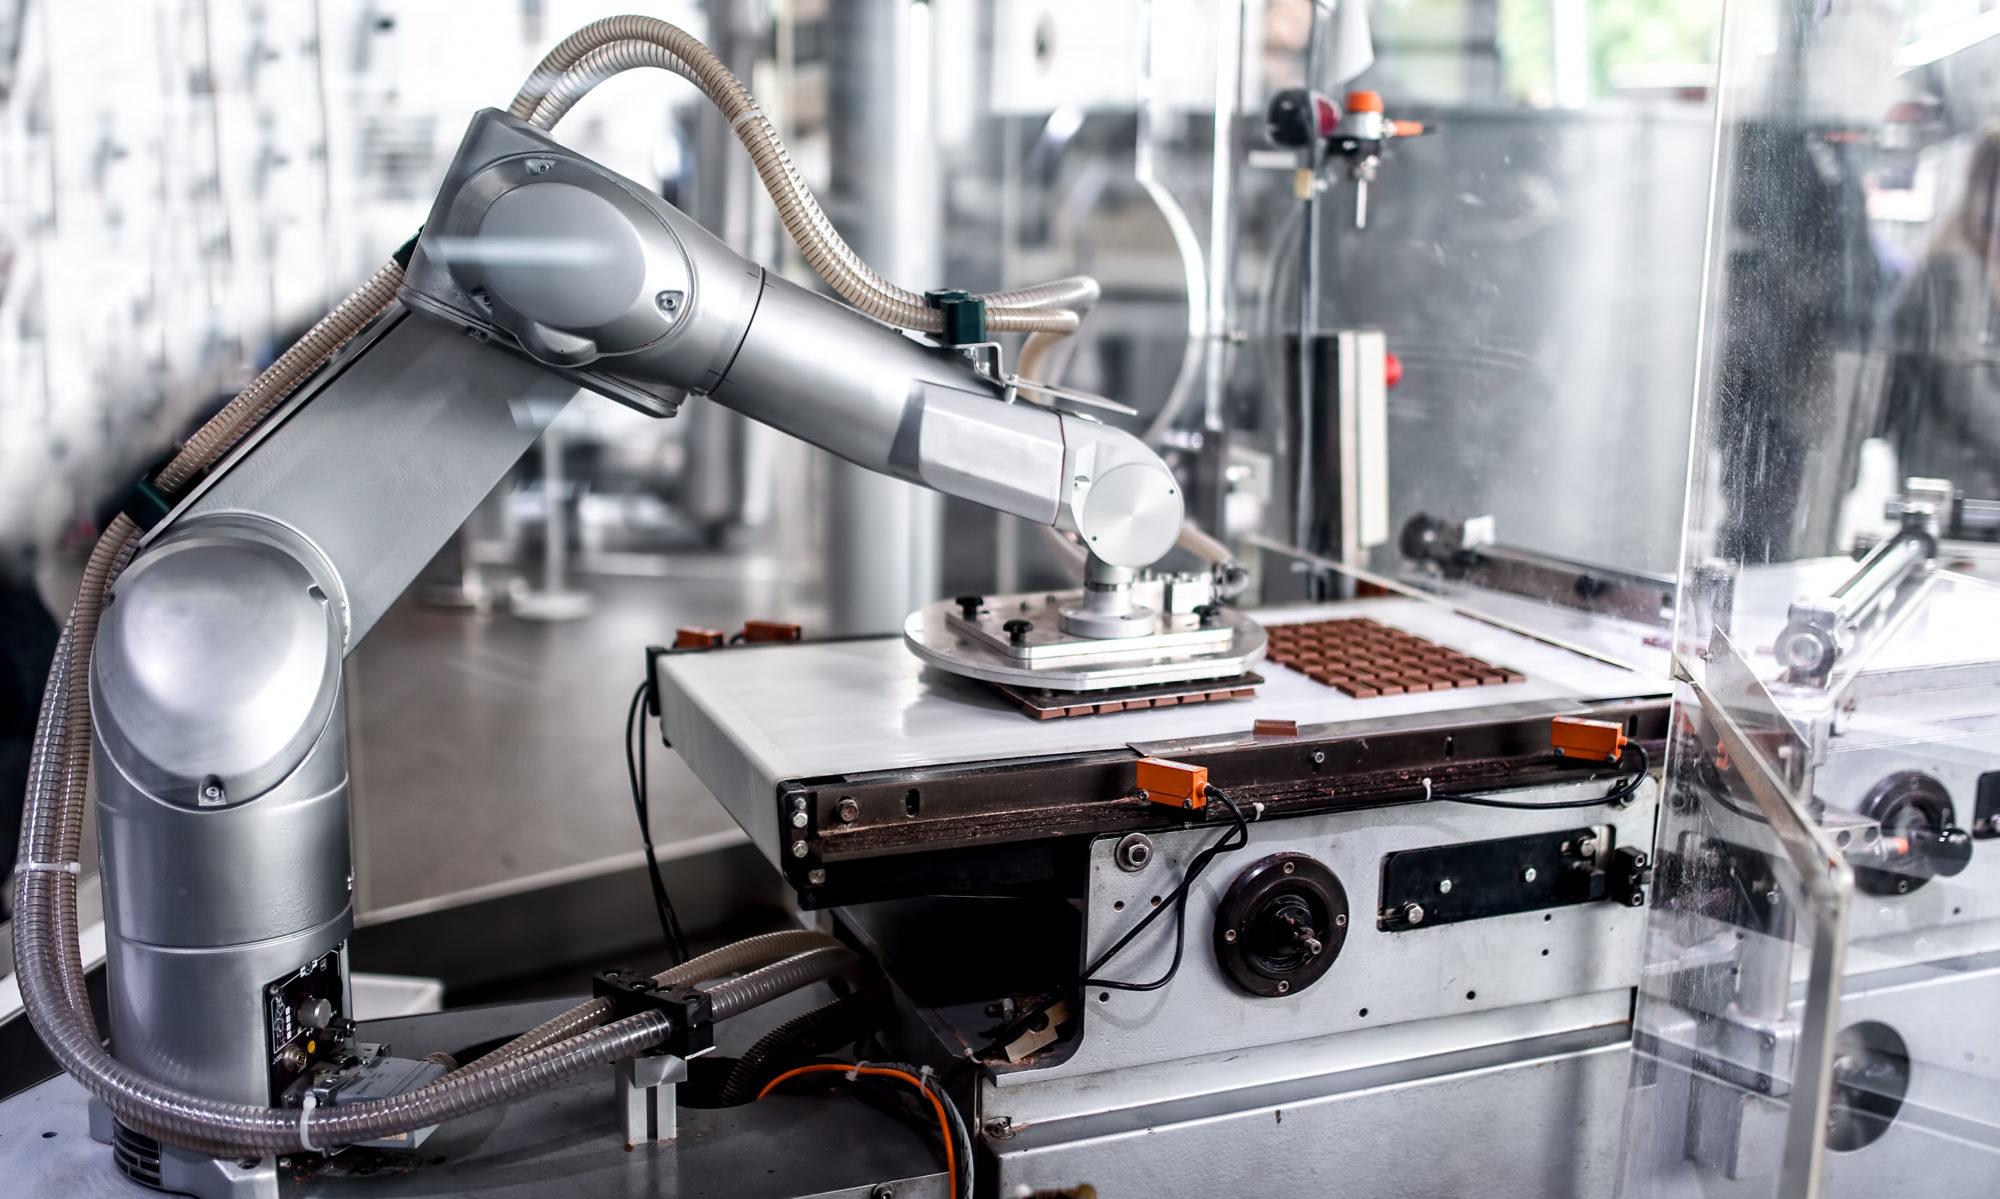 Falowniki, Serwonapędy, Czujniki, Enkodery - Blog Użytkowników Automatyki Przemysłowej.